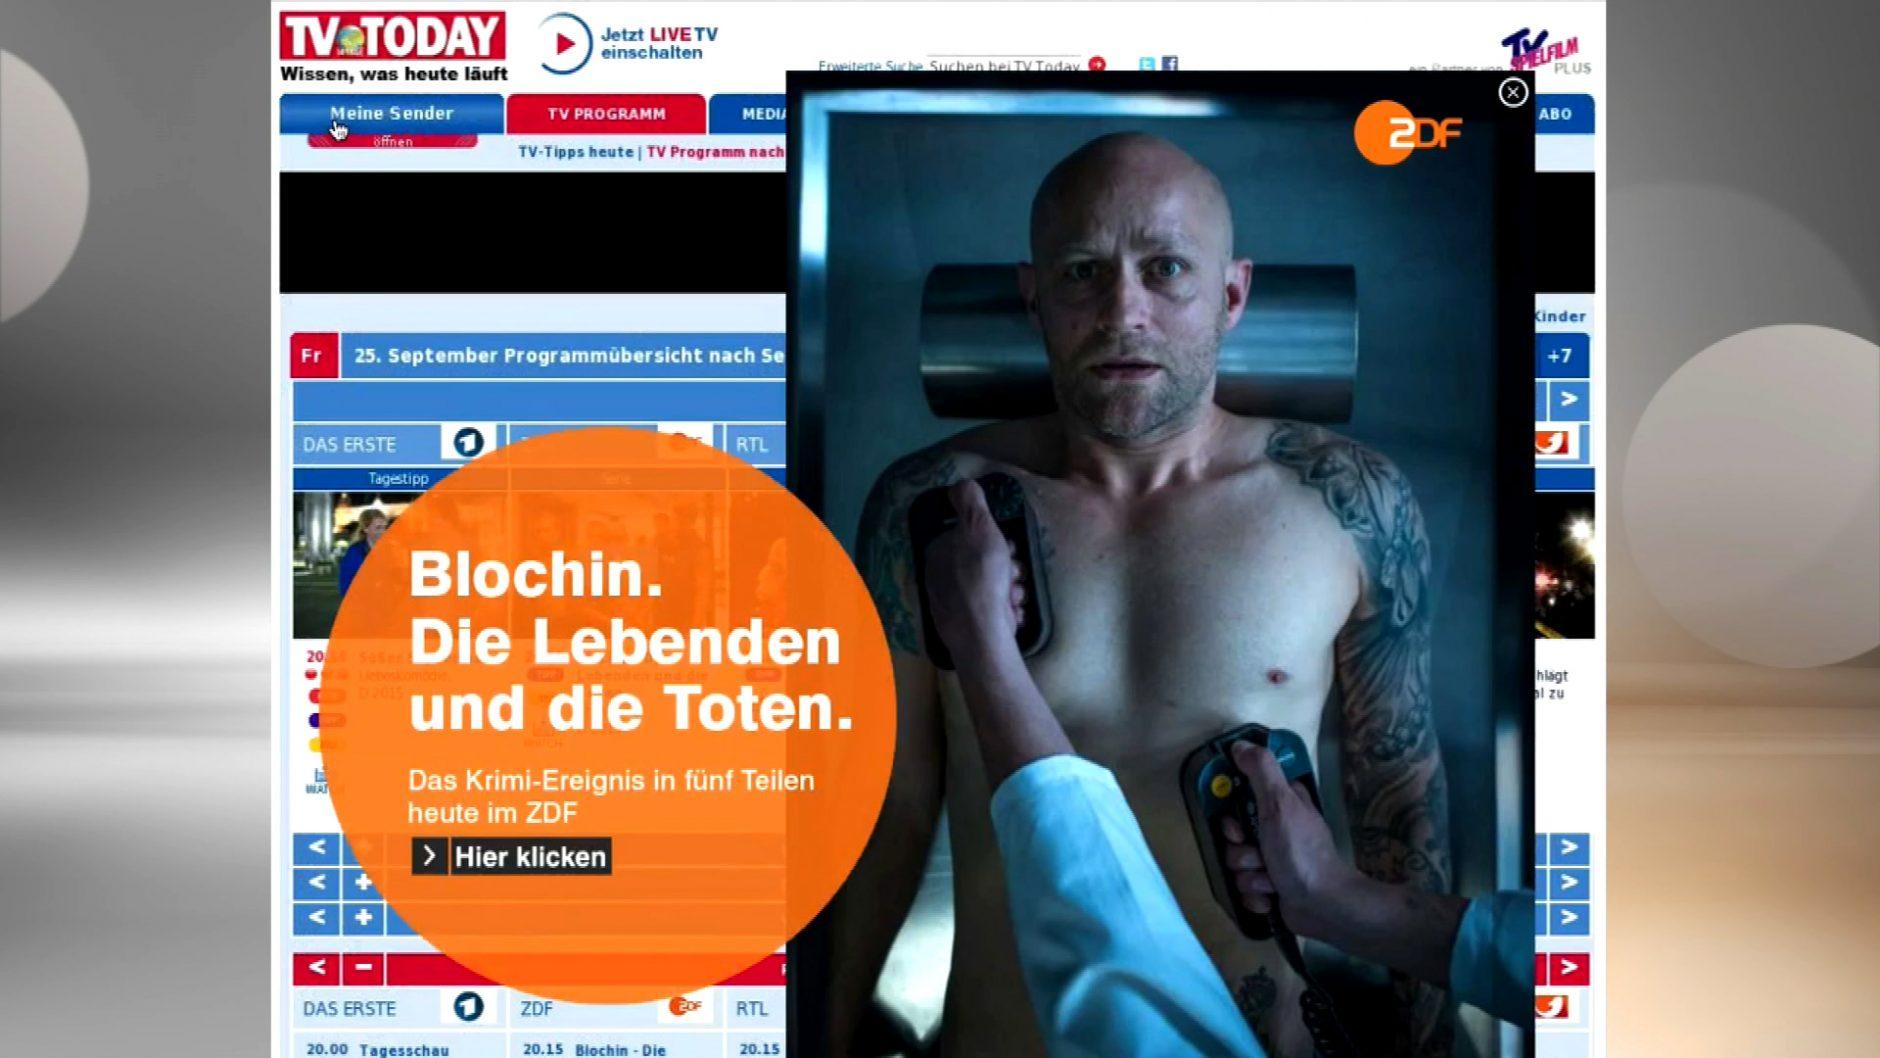 Jürgen Vogel wiederbeleben oder Klappen im Leichenschauhaus öffnen: die gruselige Online-Werbung für Blochin von KNSK